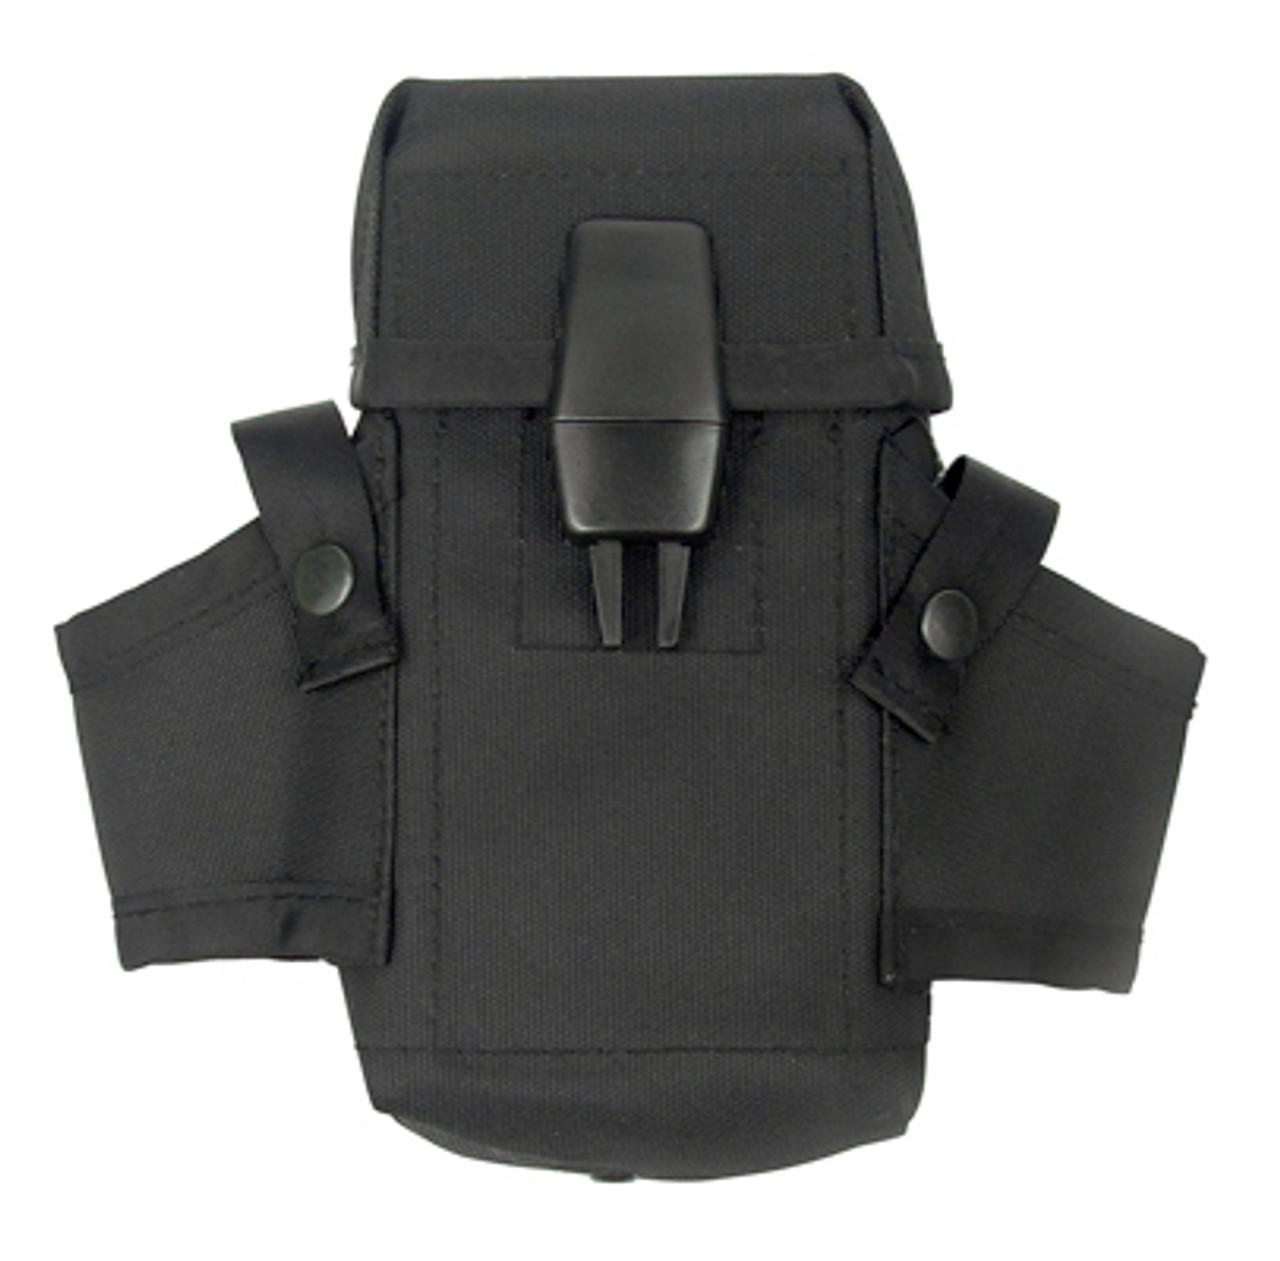 Tactical Web Gear